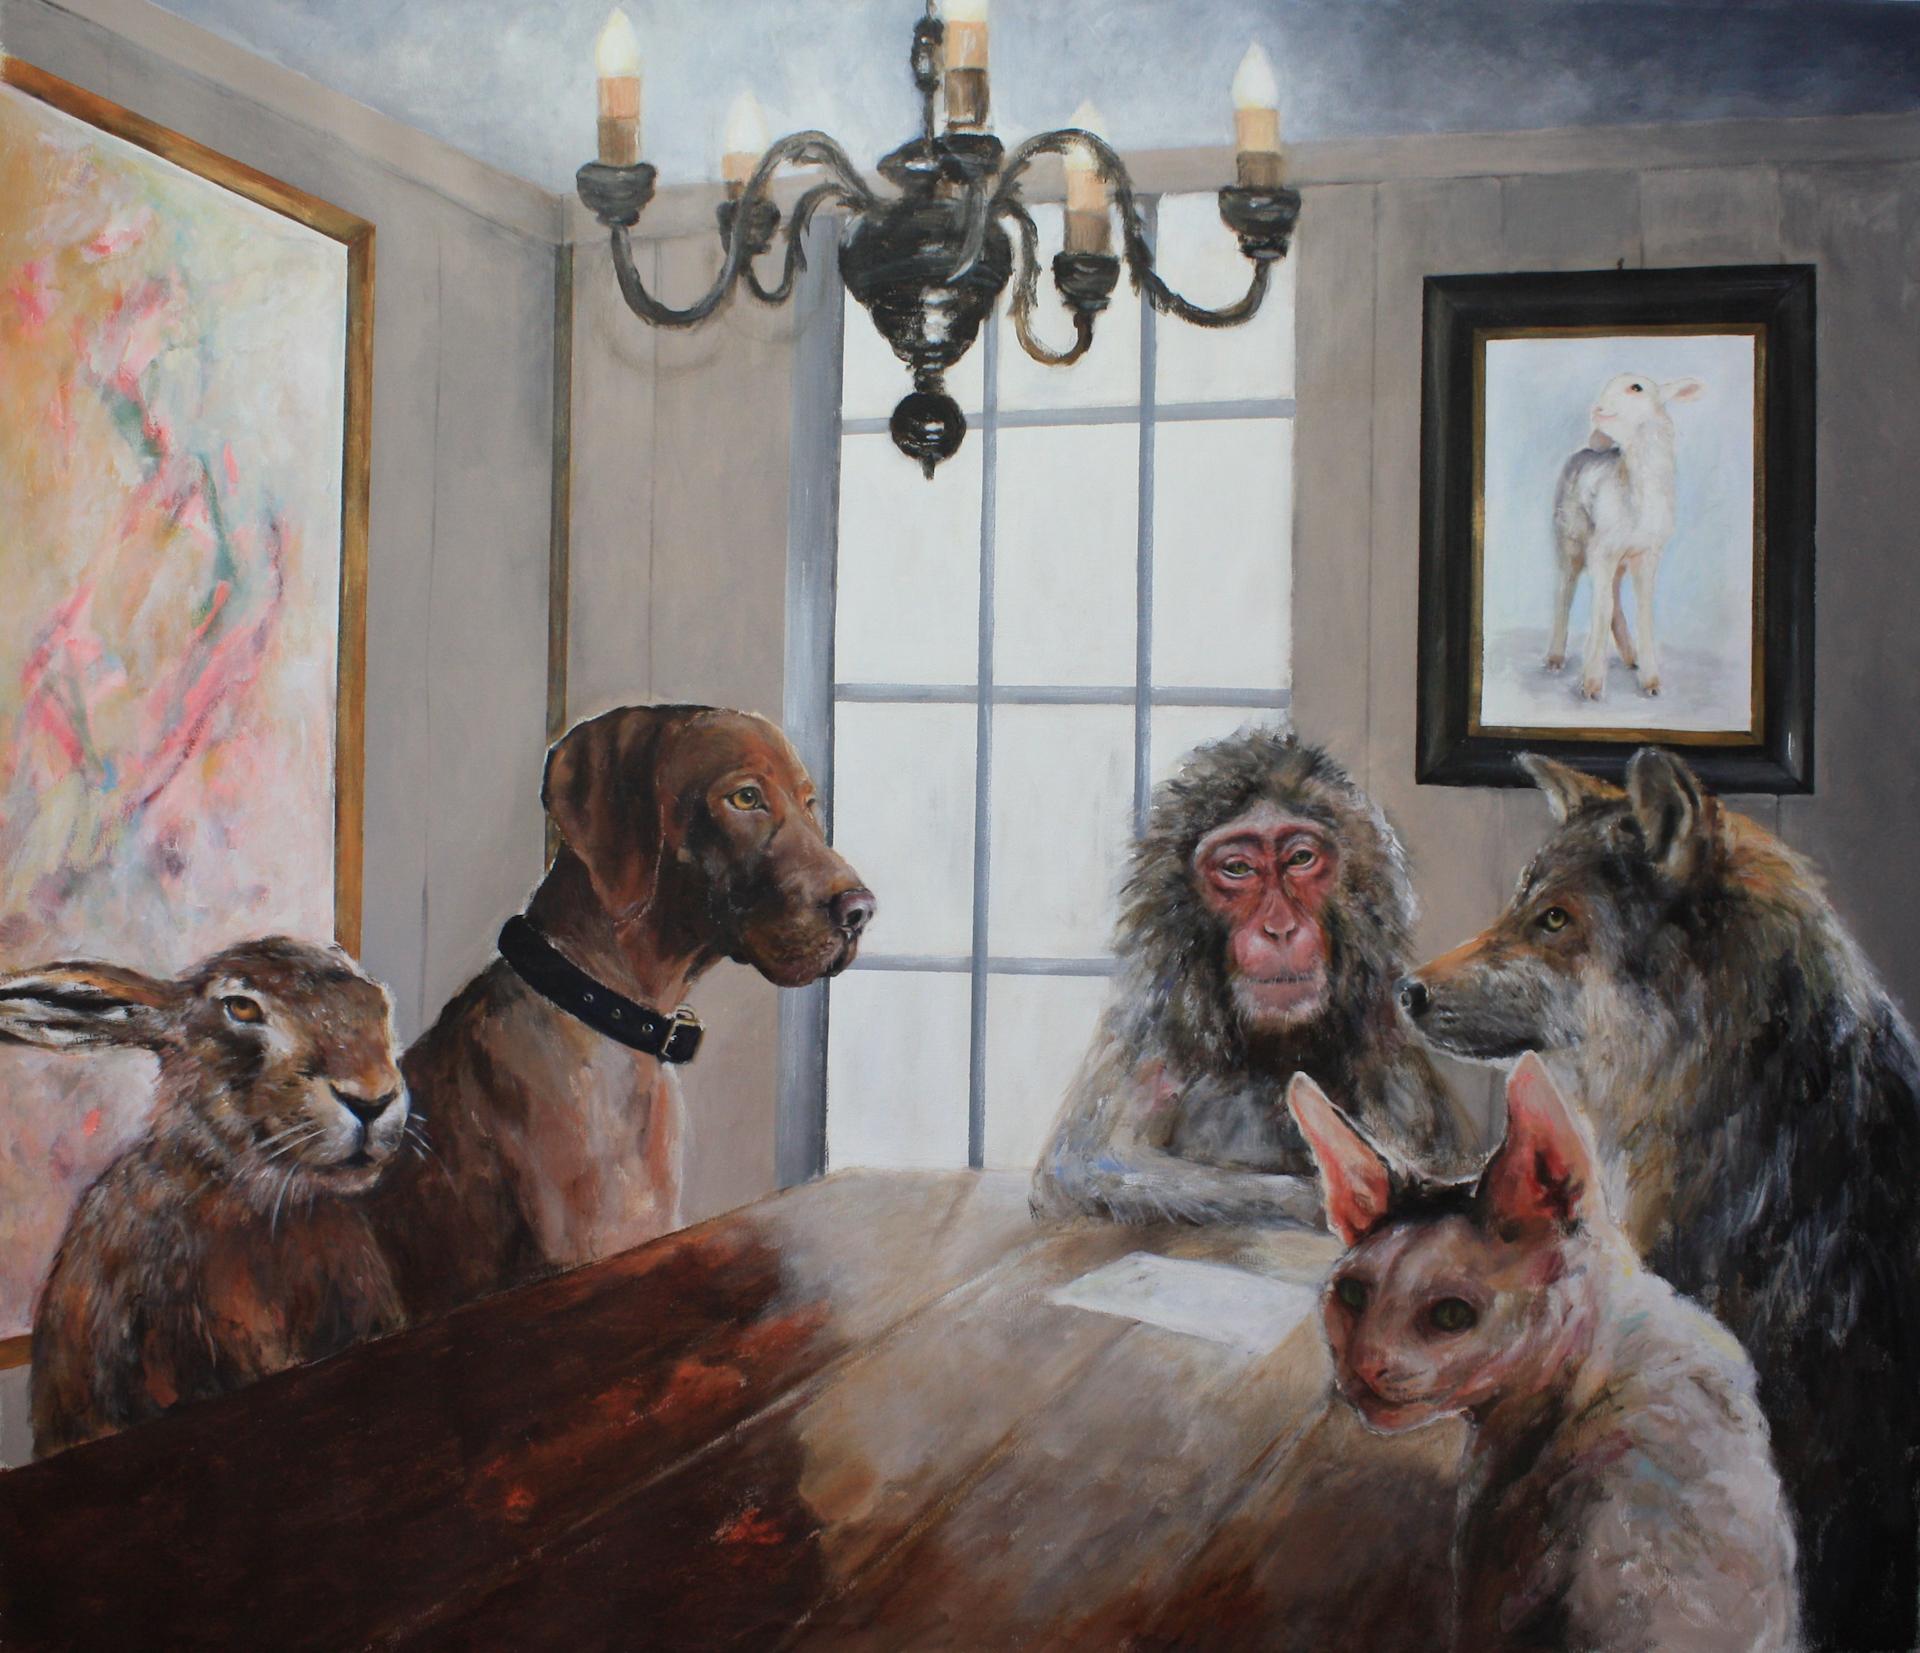 Emmy Harnes billedkunstner Haslum Bærum kunstner figurativ kunst antropomorfisk eventyrlig artist art billedkunst anthropomorphicart